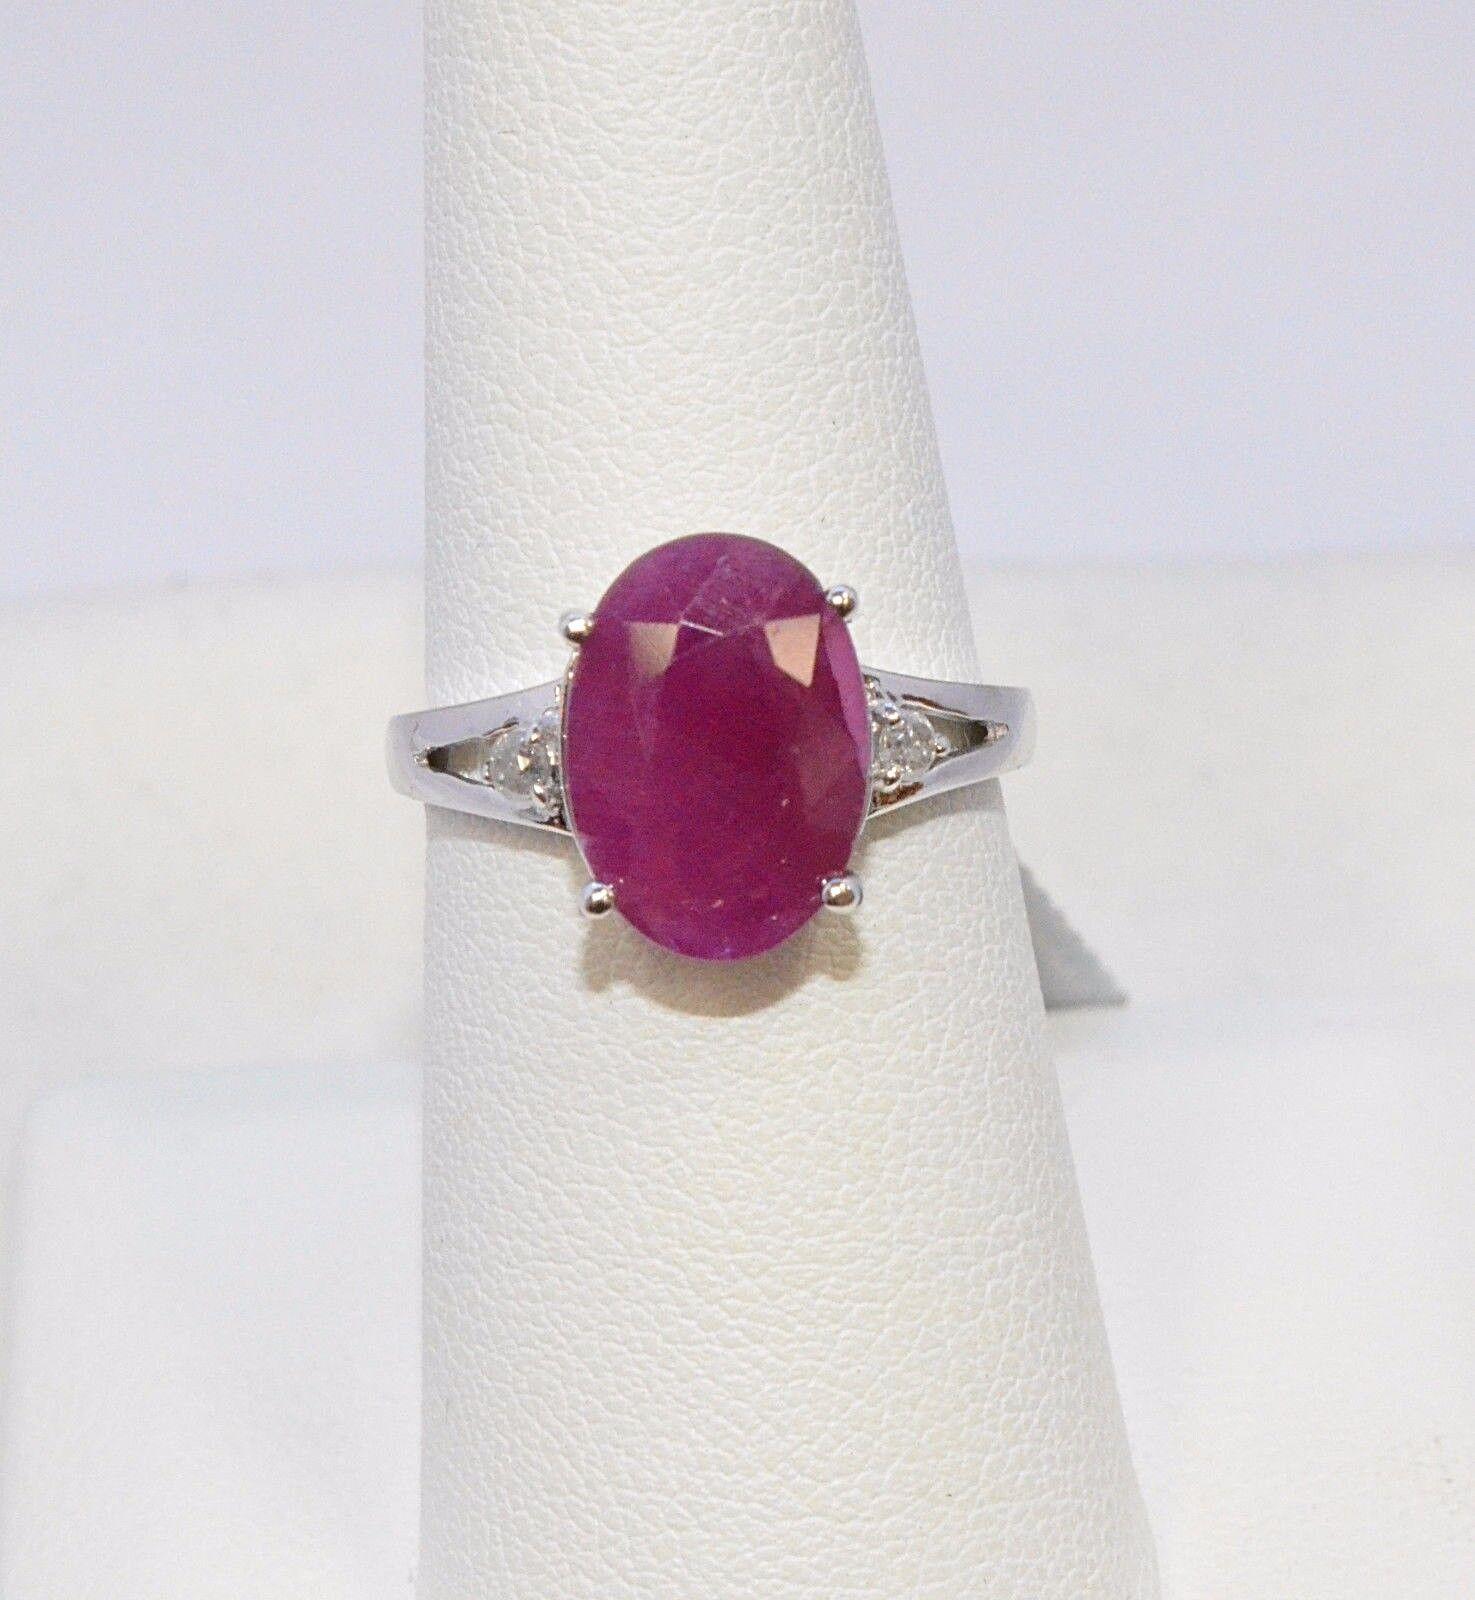 2088- 10K WHITE gold RUBY & DIAMOND RING 5.30TCW 3.60 GRAMS SIZE 6.5